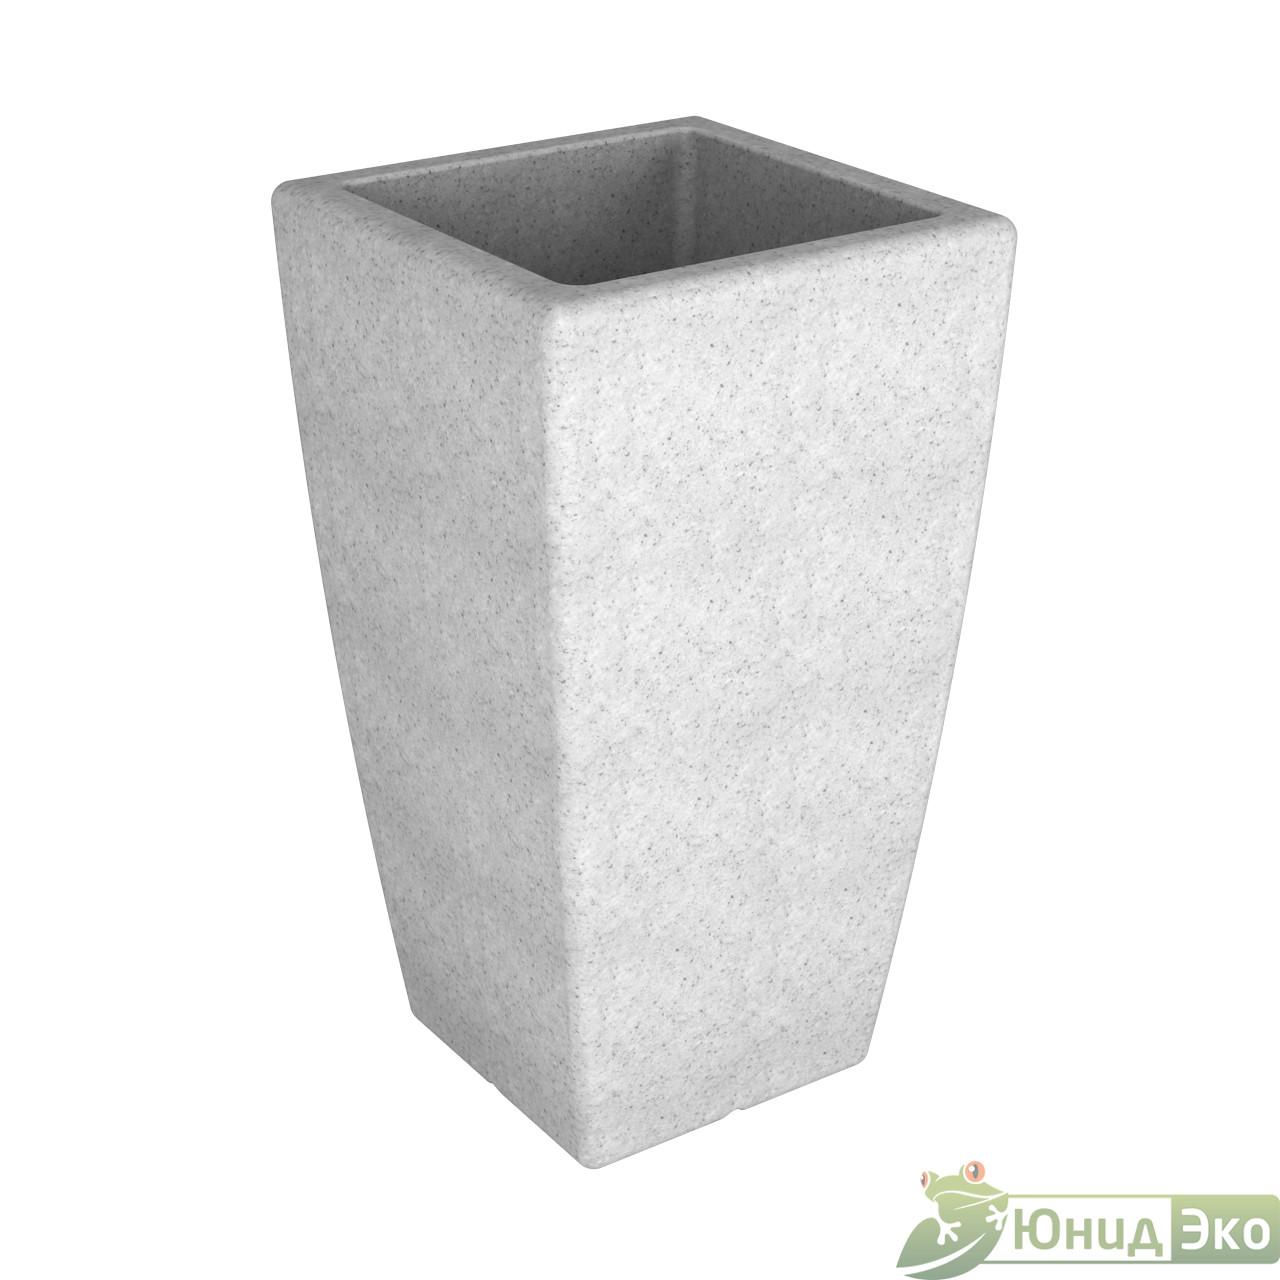 Кашпо «Flox» P 900 белый гранит